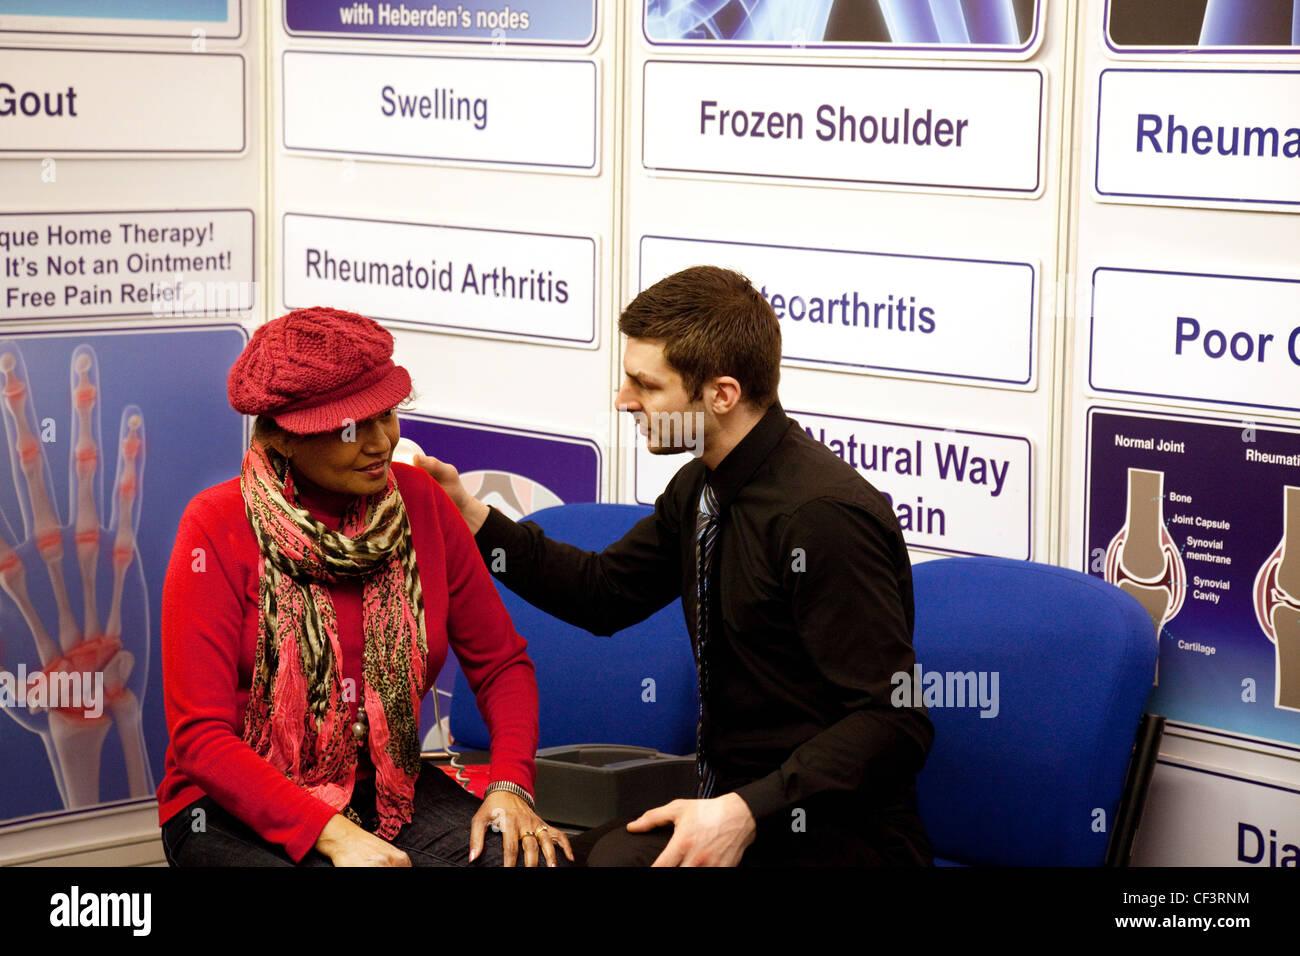 Eine Patientin, die Rücksprache mit einem männlichen Arzt über Arthritis der Schulter, dem Rücken Stockbild